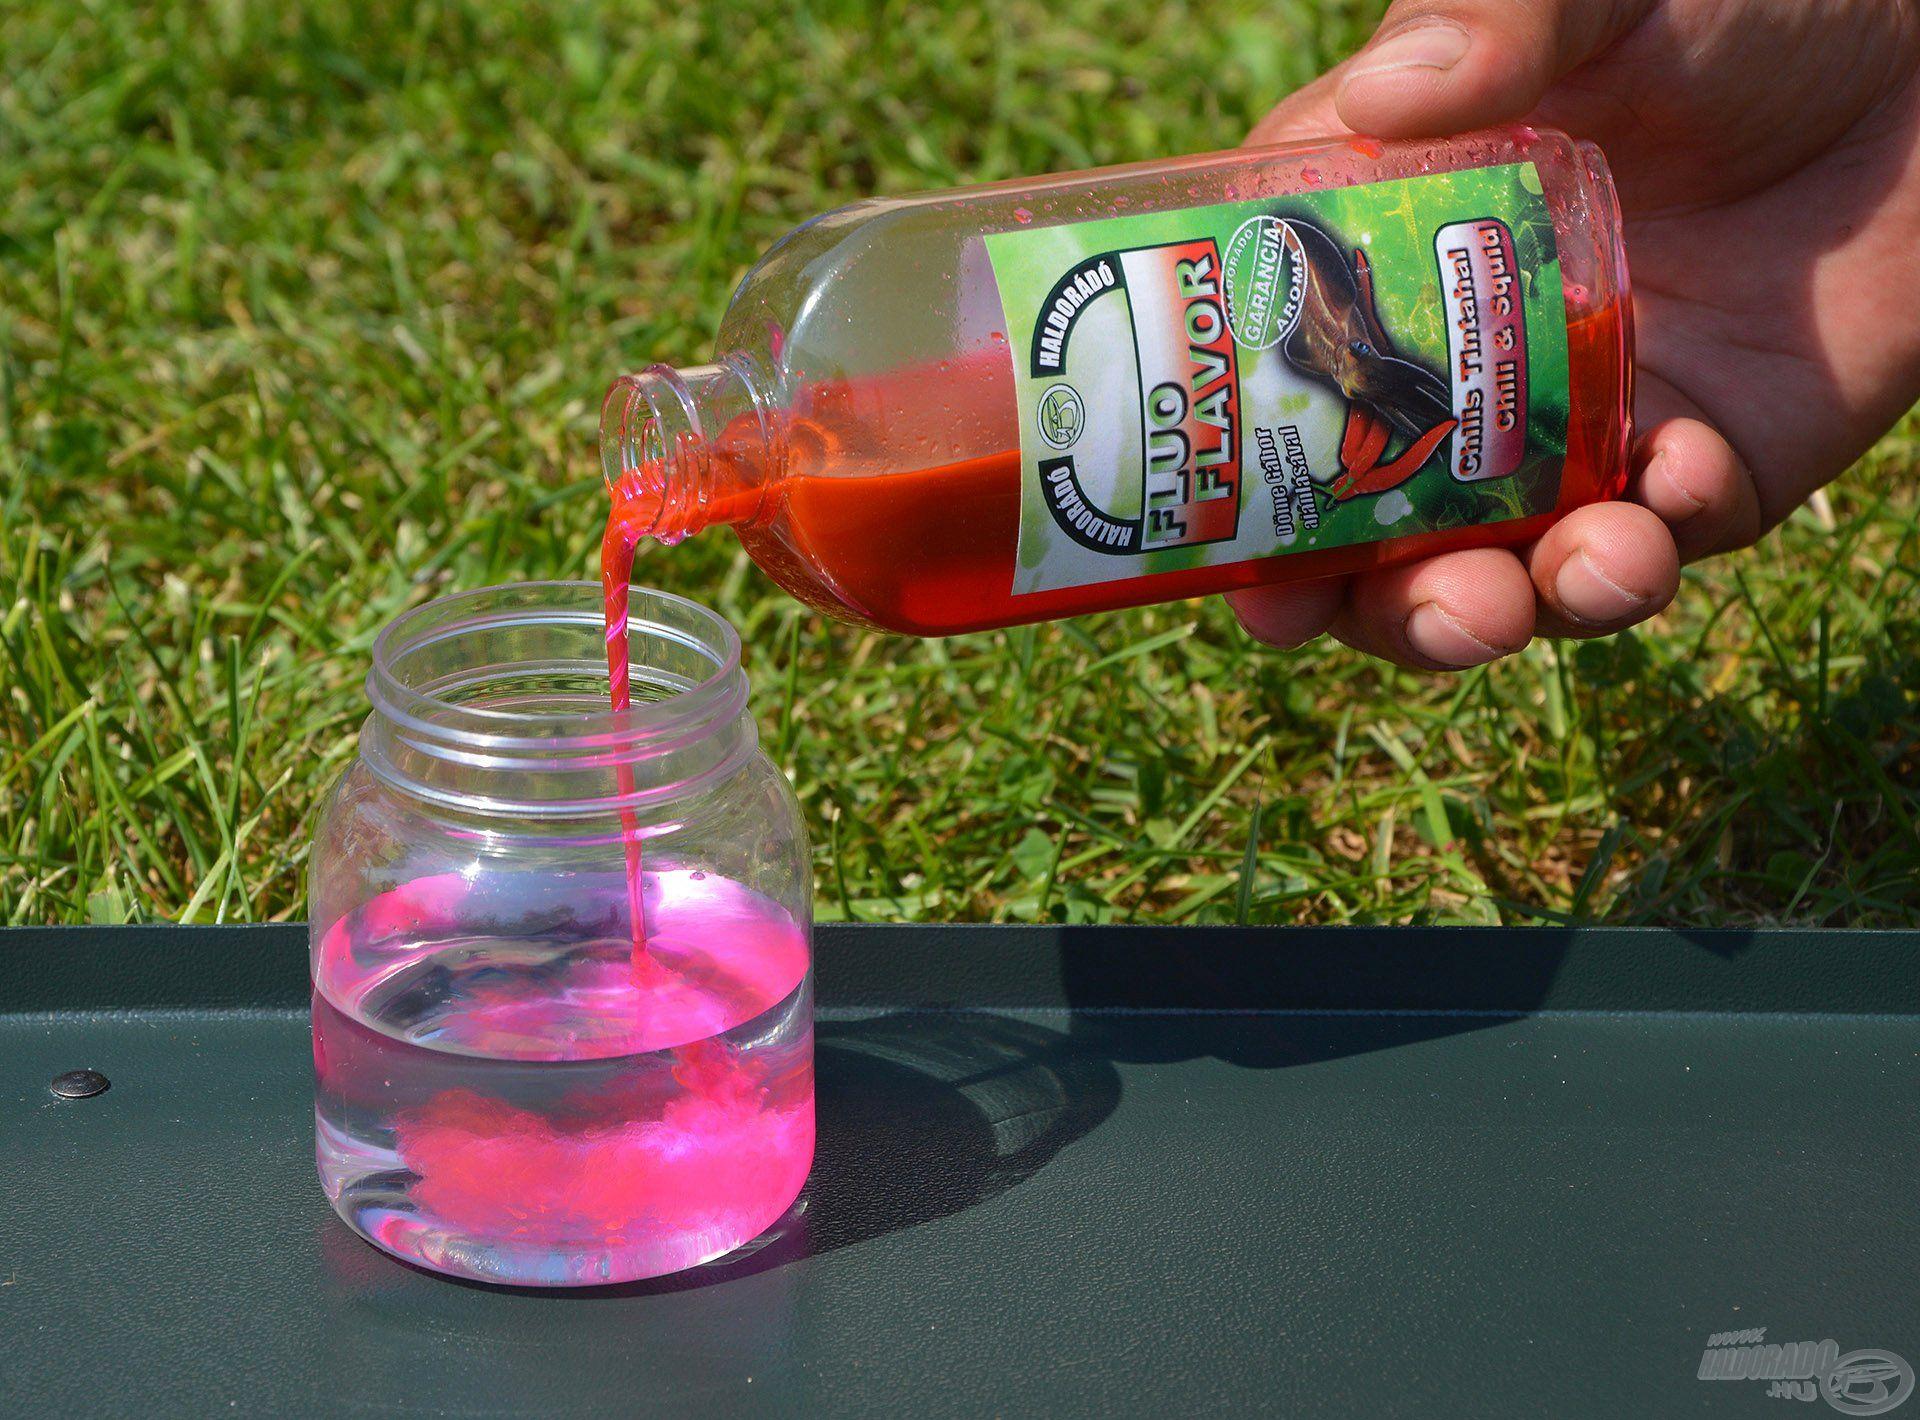 A pelletek nedvesítéséhez elsőként kb. 1 dl vizet kell egy kis tégelybe önteni, majd ehhez ugyanennyi Chilis Tintahal Fluo Flavor aromát adagolni